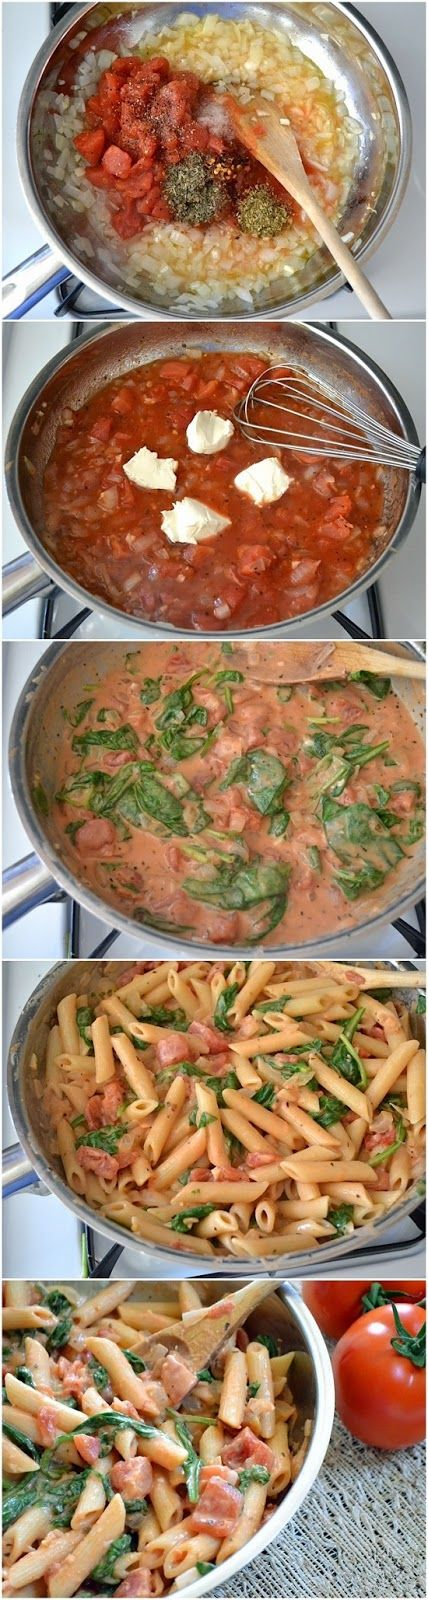 Cremoso de tomate y espinacas Pasta ~ knowkitchen